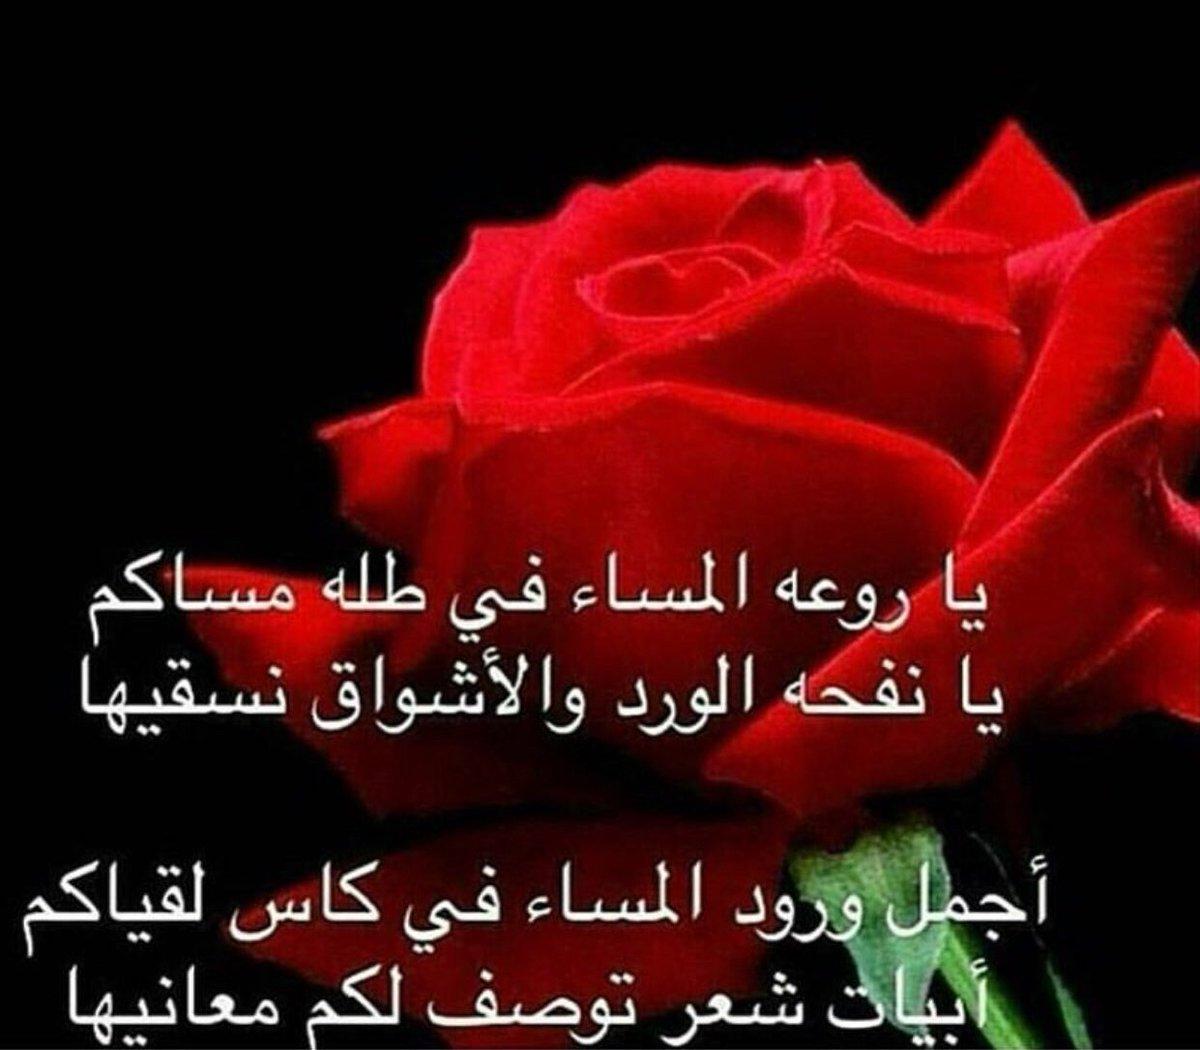 بالصور كلمات عن الورد , عبارات تفوح بالعطور 6561 6